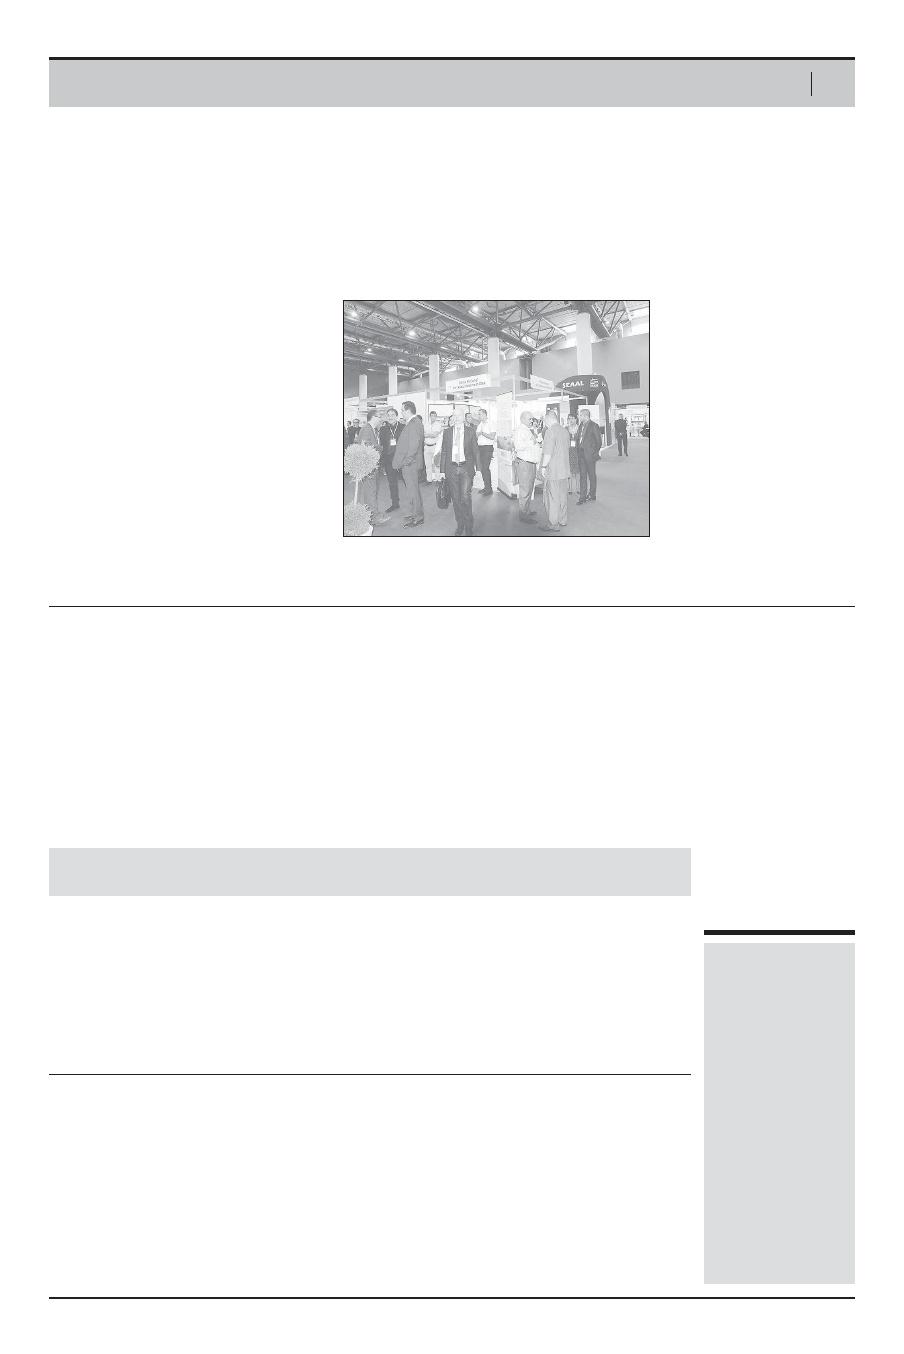 6752-F120744D.pdf concernant Prohibé Mots Fléchés